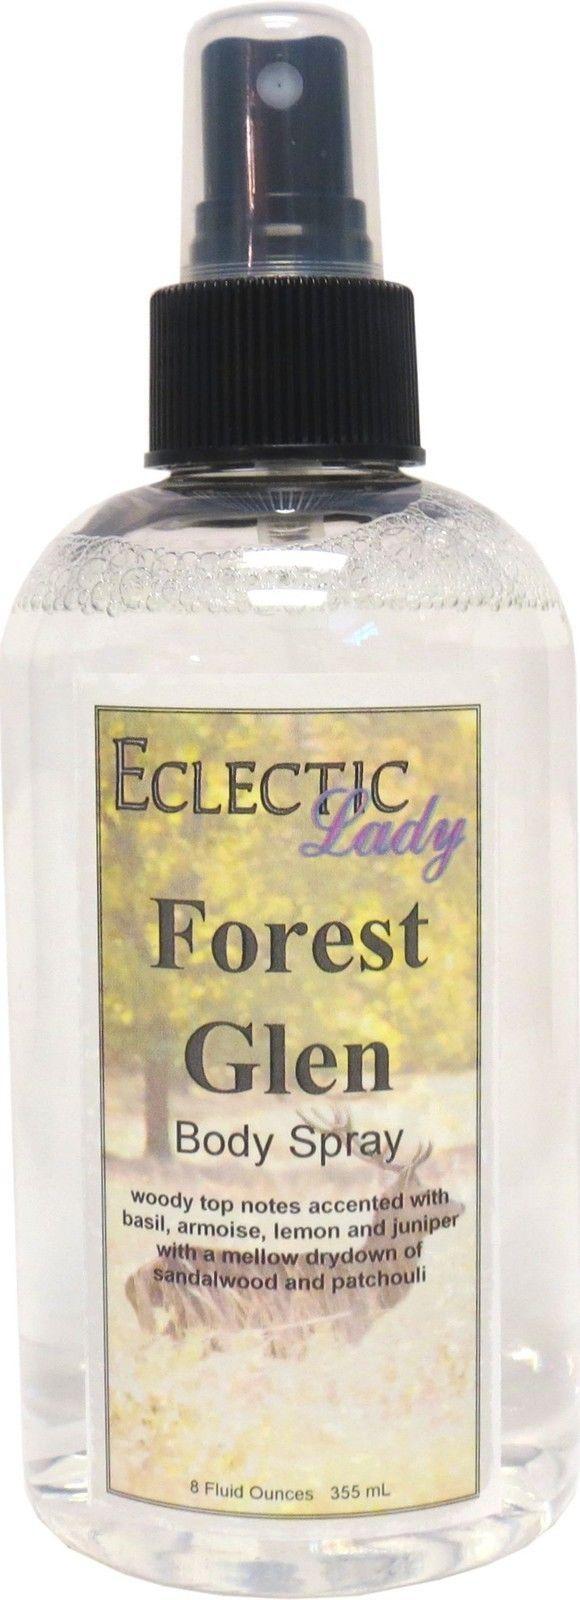 Forest Glen Body Spray